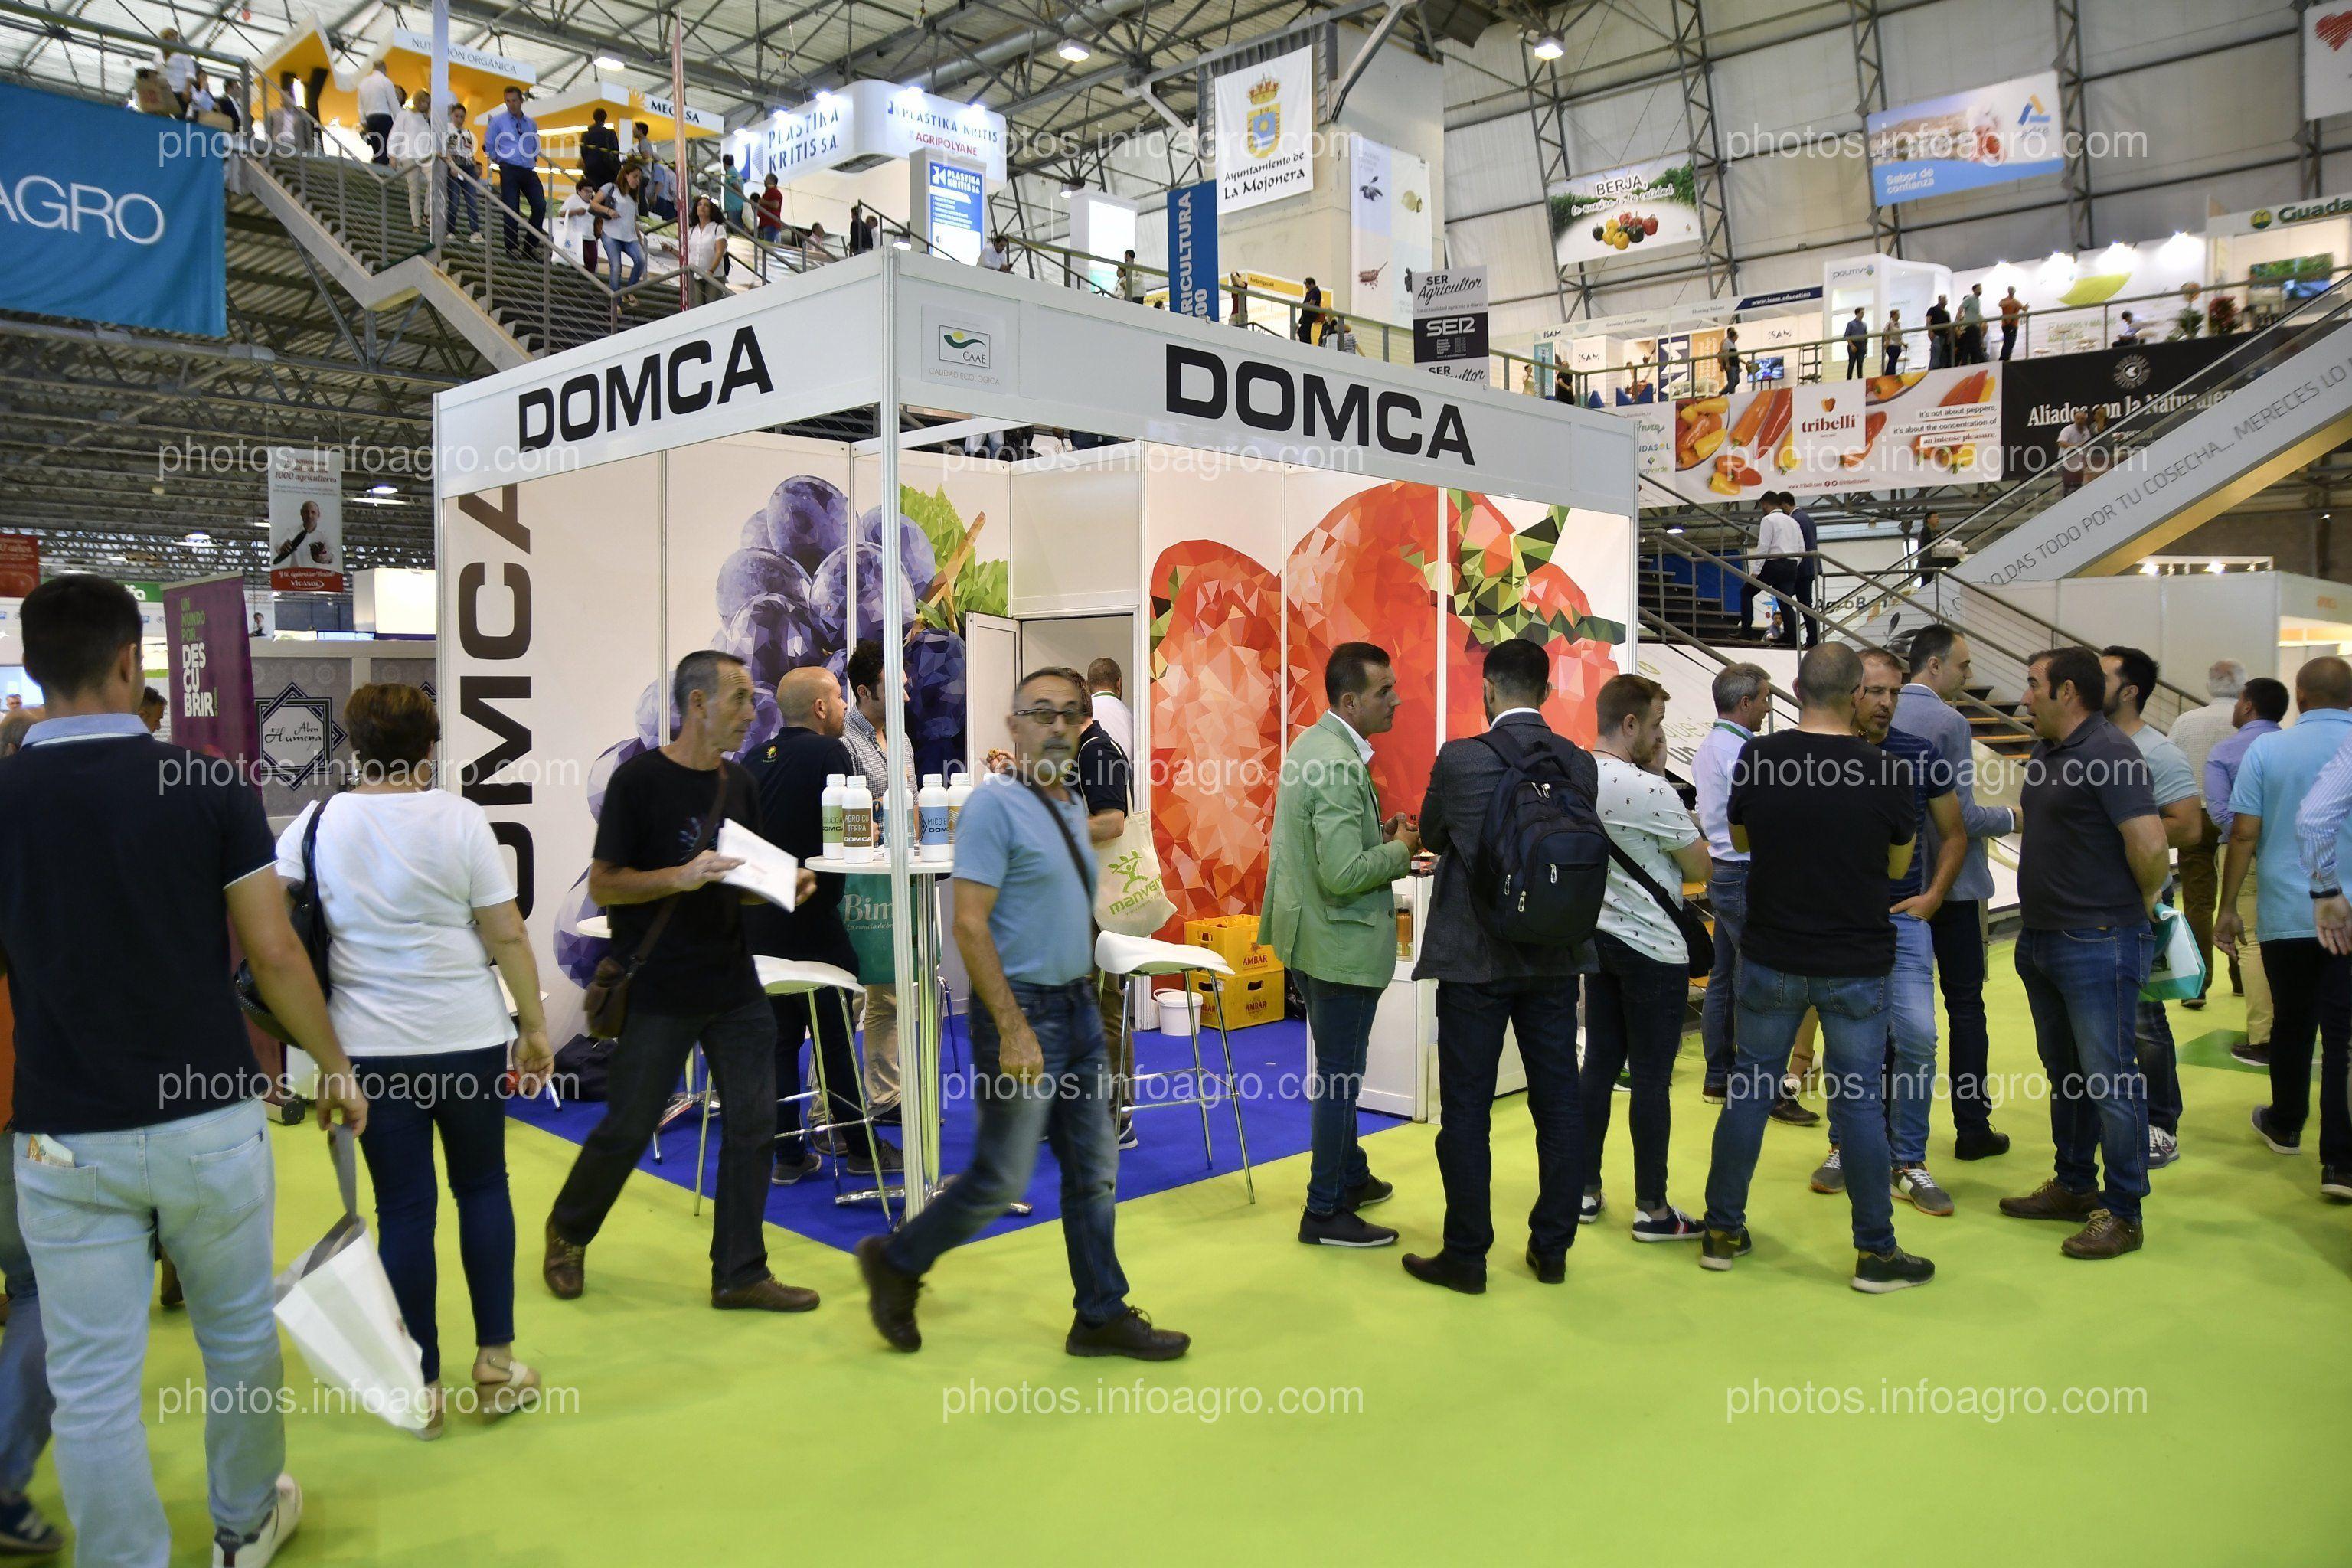 Domca - Stand Infoagro Exhibition